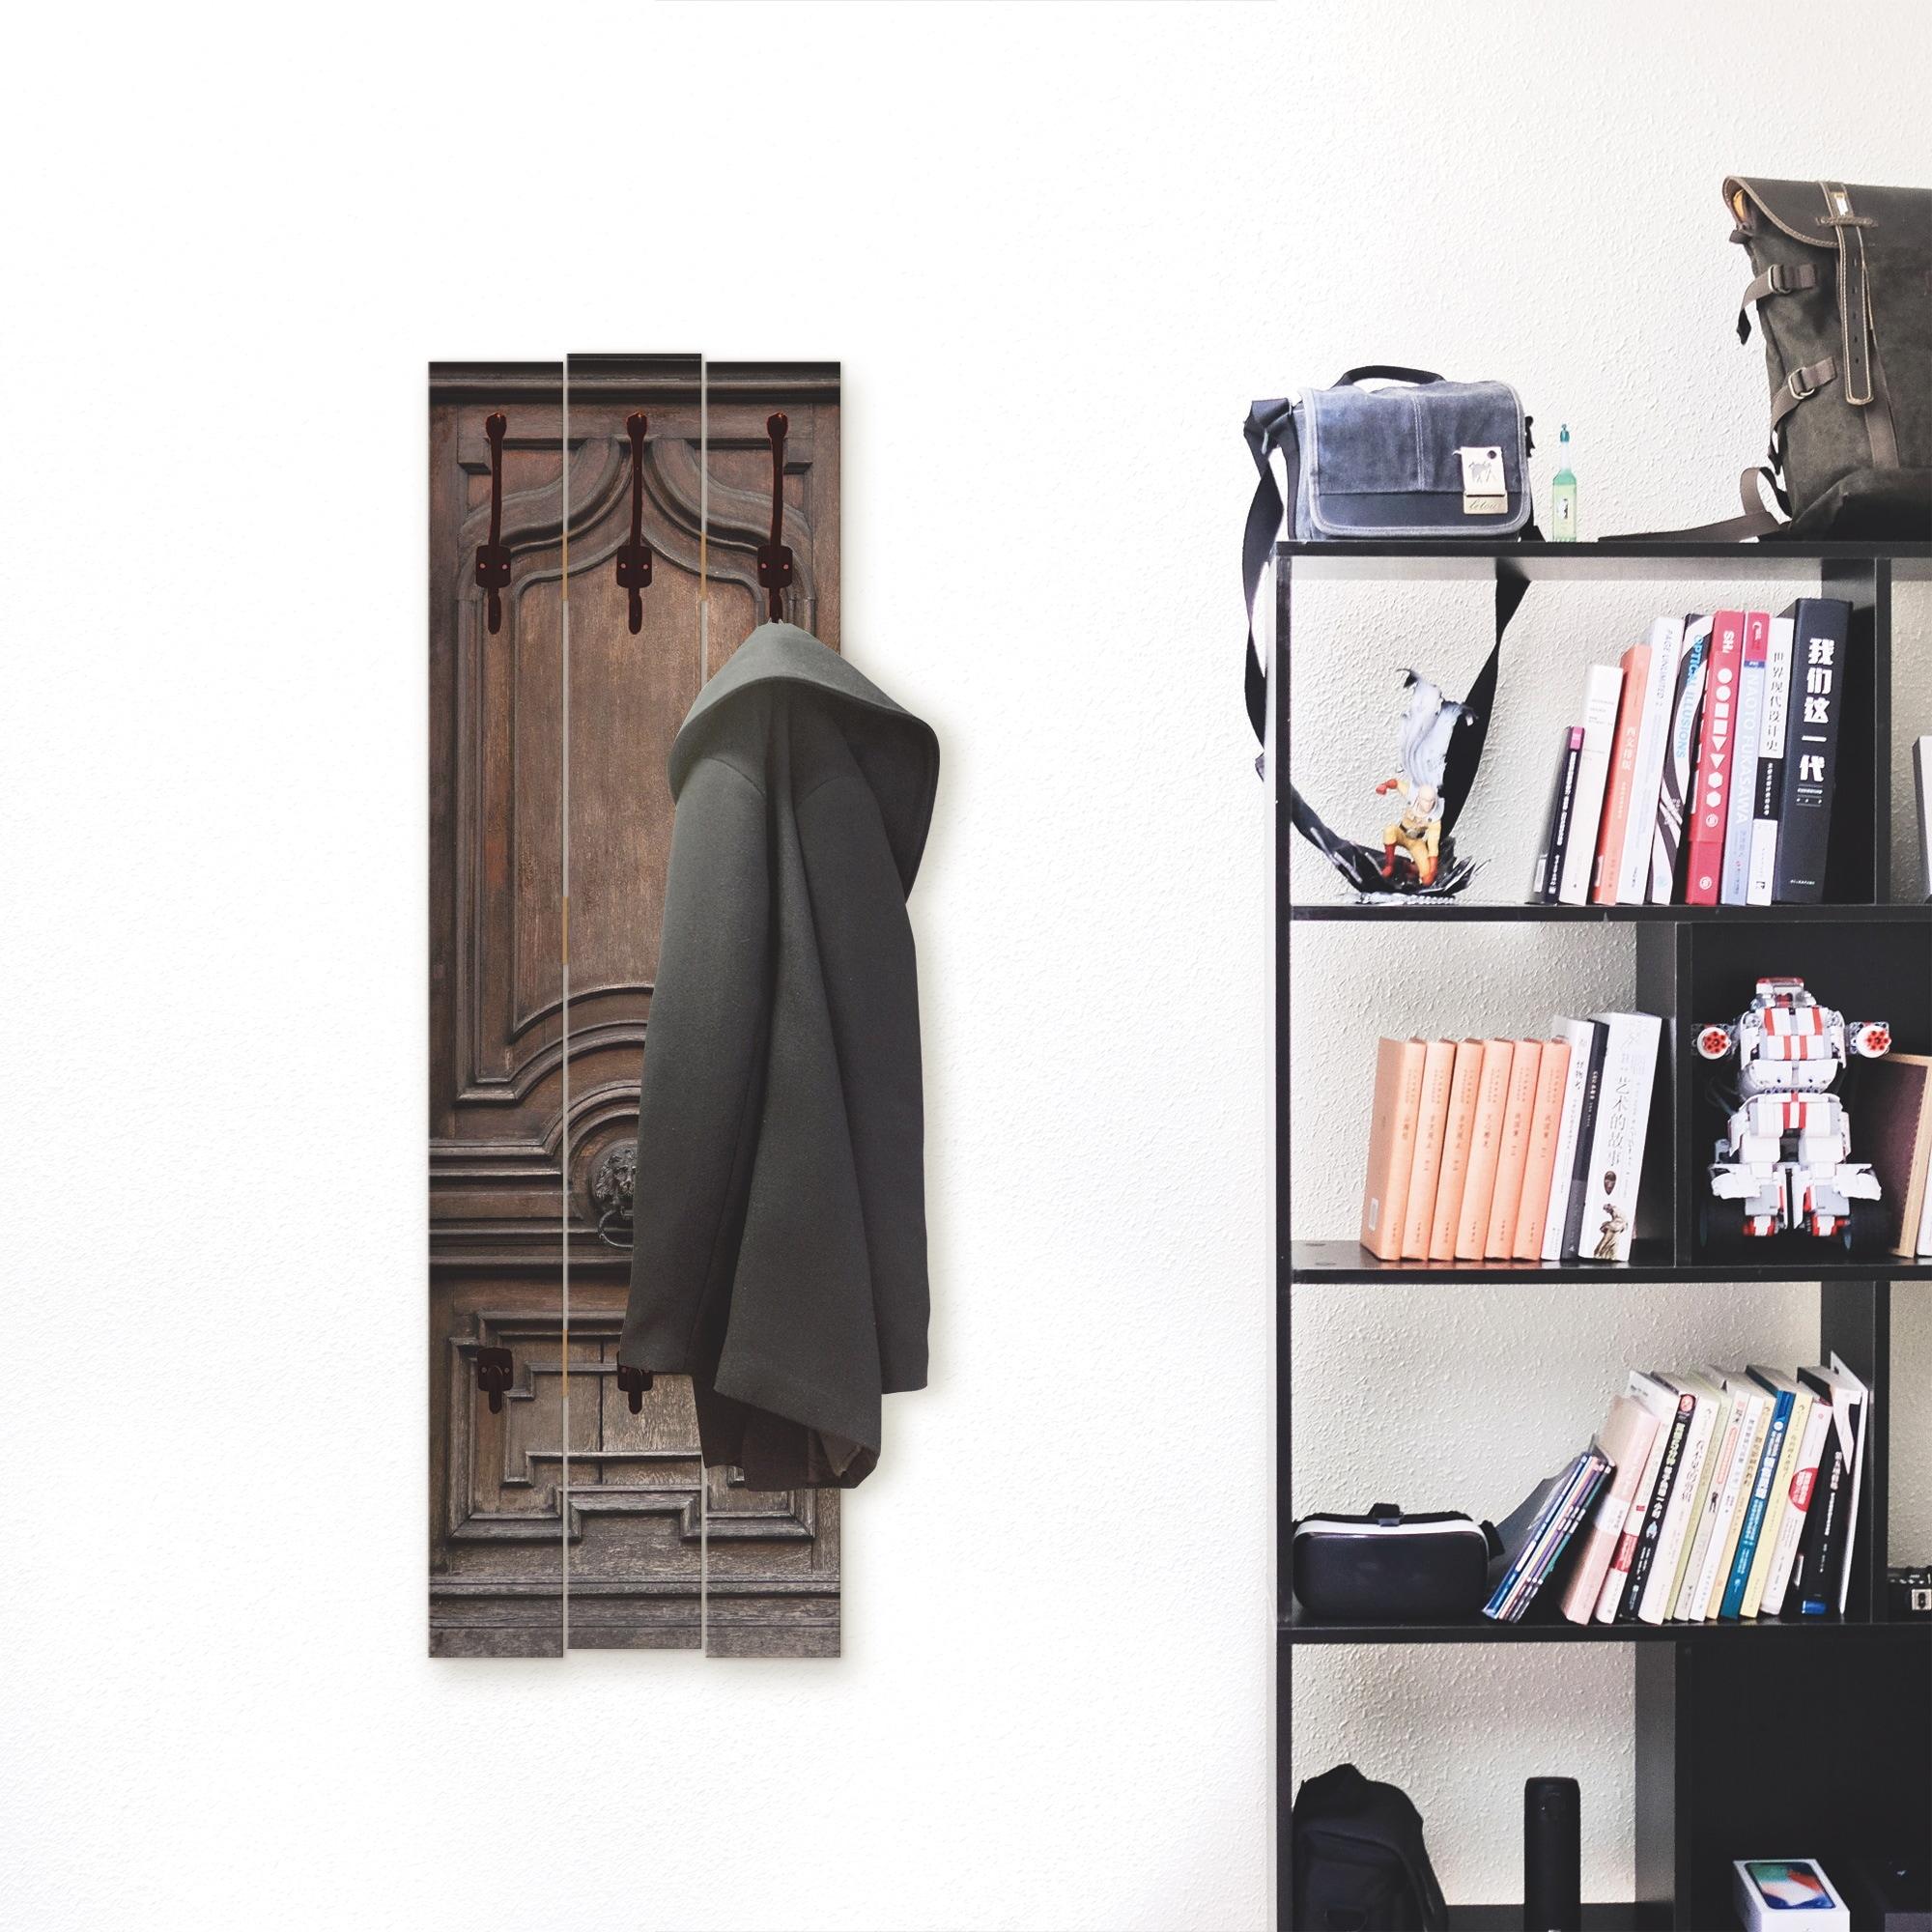 Image of Artland Garderobenpaneel »Alte, massive Tür«, platzsparende Wandgarderobe aus Holz mit 5 Haken, geeignet für kleinen, schmalen Flur, Flurgarderobe